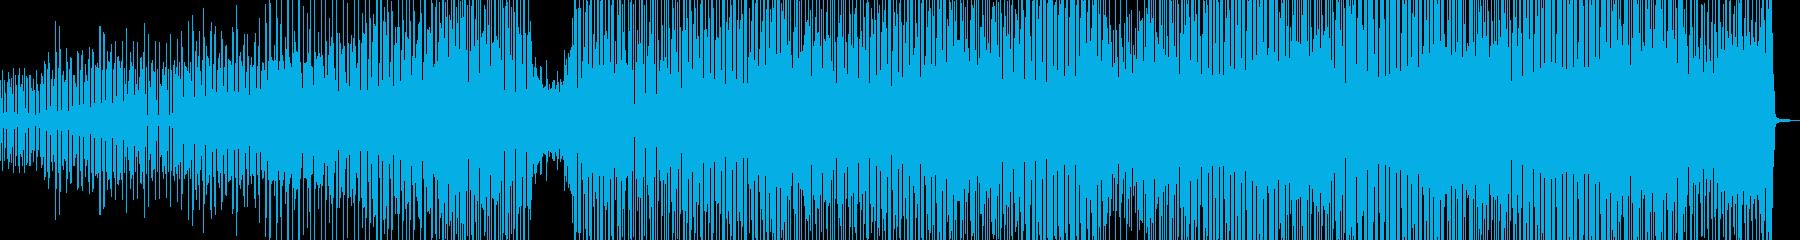 ストーリー性のある日常動画に ポップの再生済みの波形